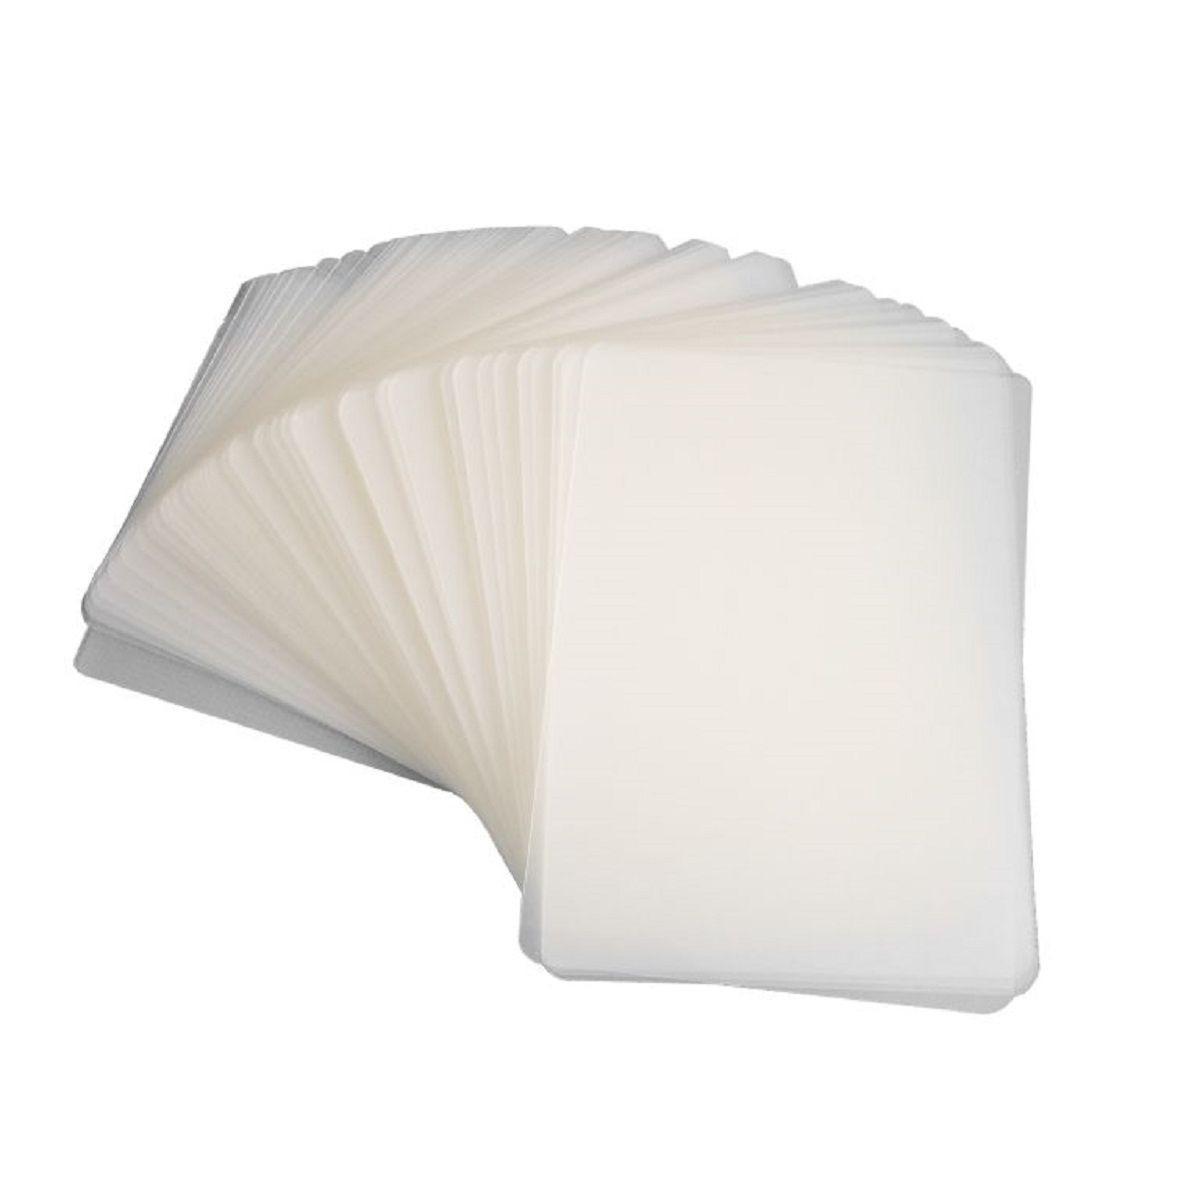 Kit 500 Plasticos Polaseal para Plastificação A4 220x307x0,05mm (125 micras)  - Click Suprimentos